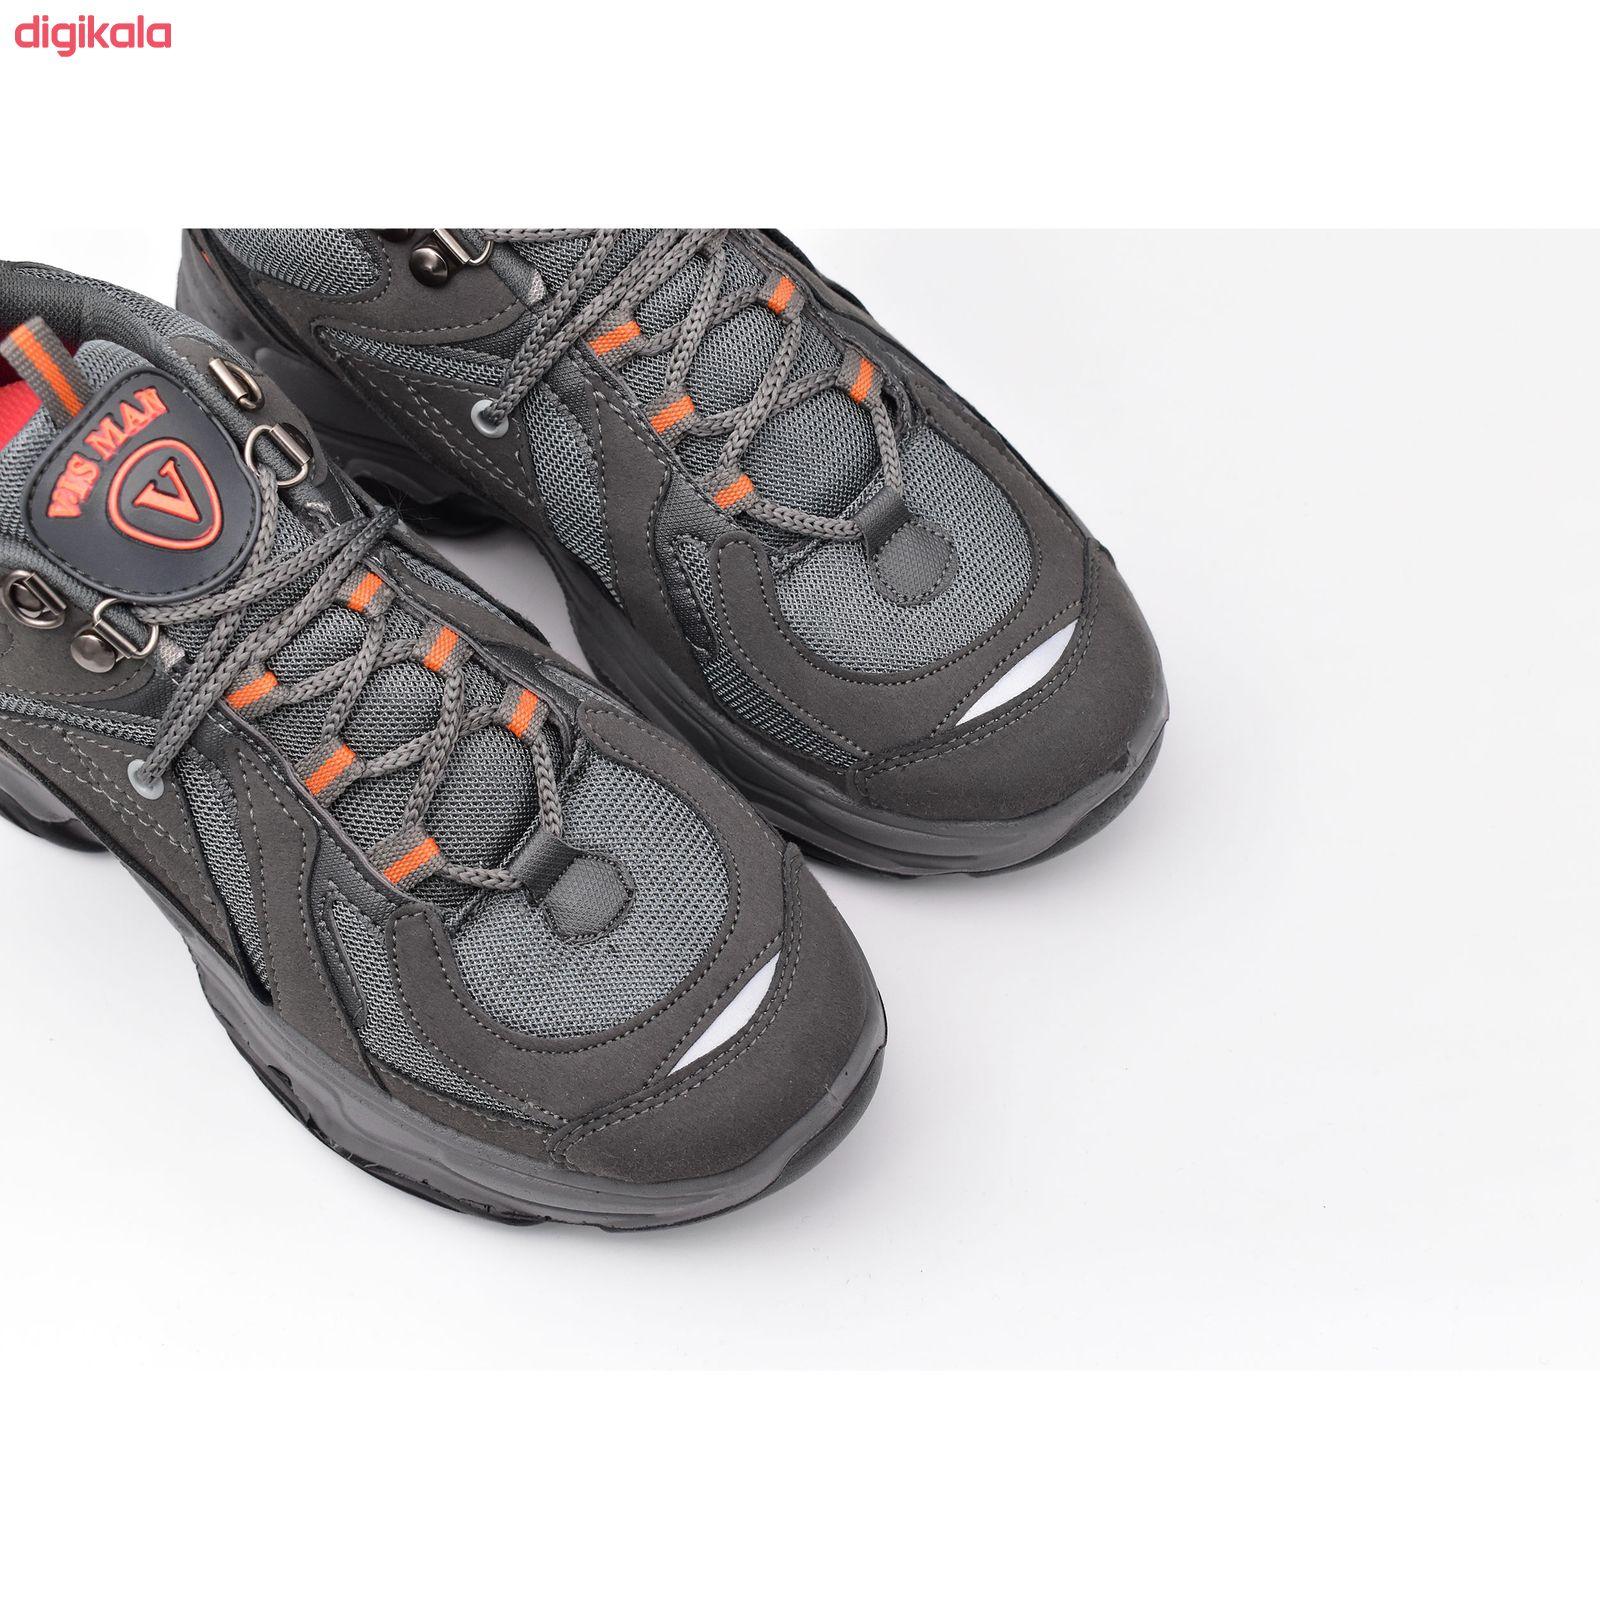 کفش کوهنوردی مردانه ویس من مدل CKO کد 8377 main 1 3